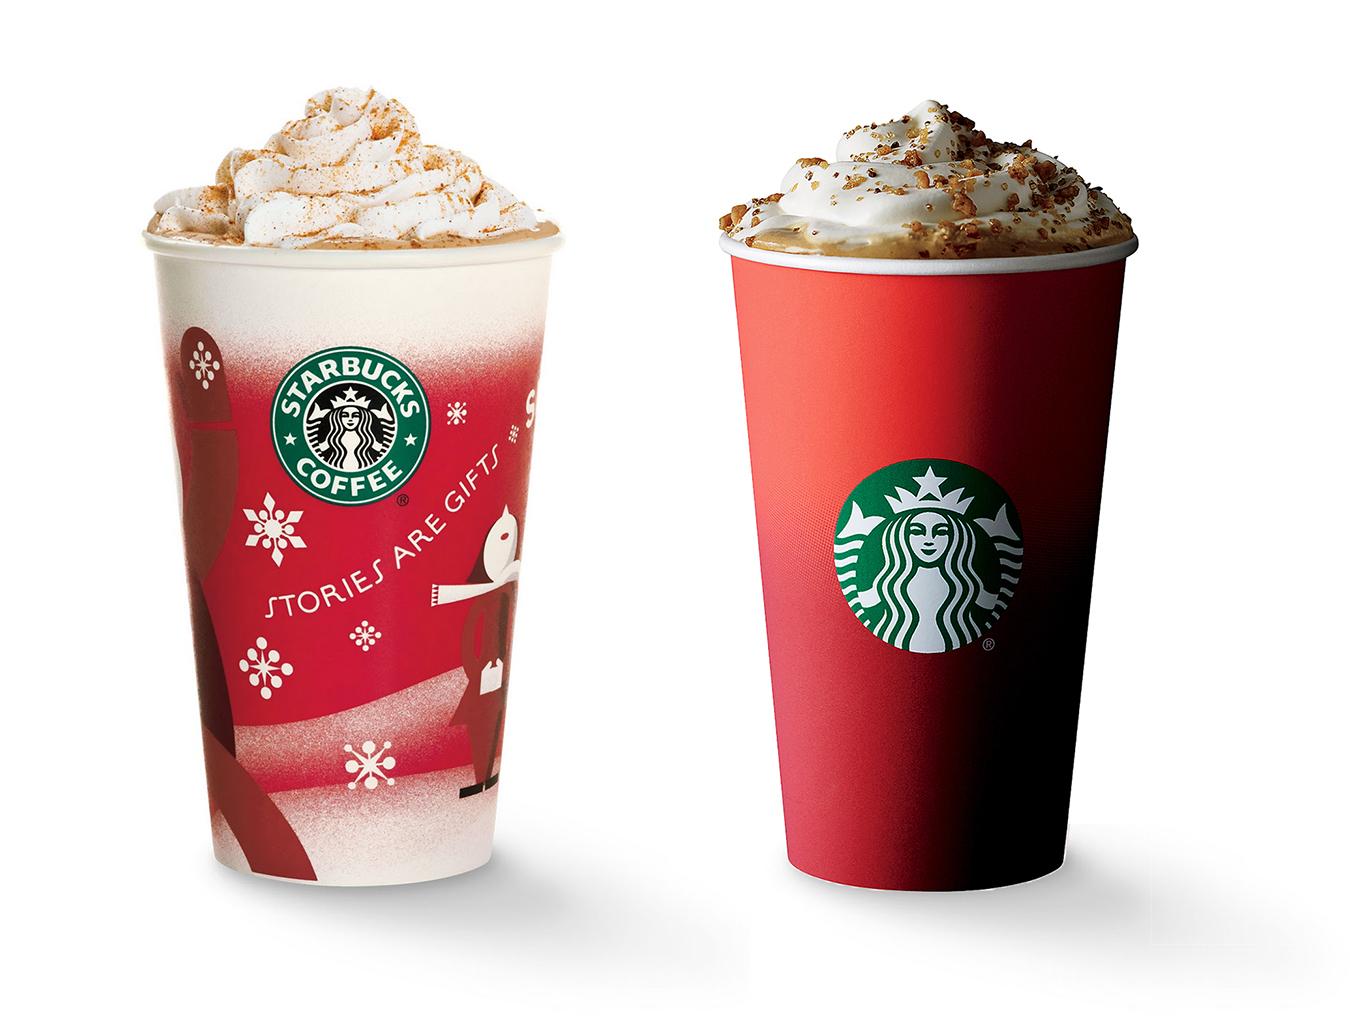 Fullsize Of Starbucks Holiday Drinks 2015